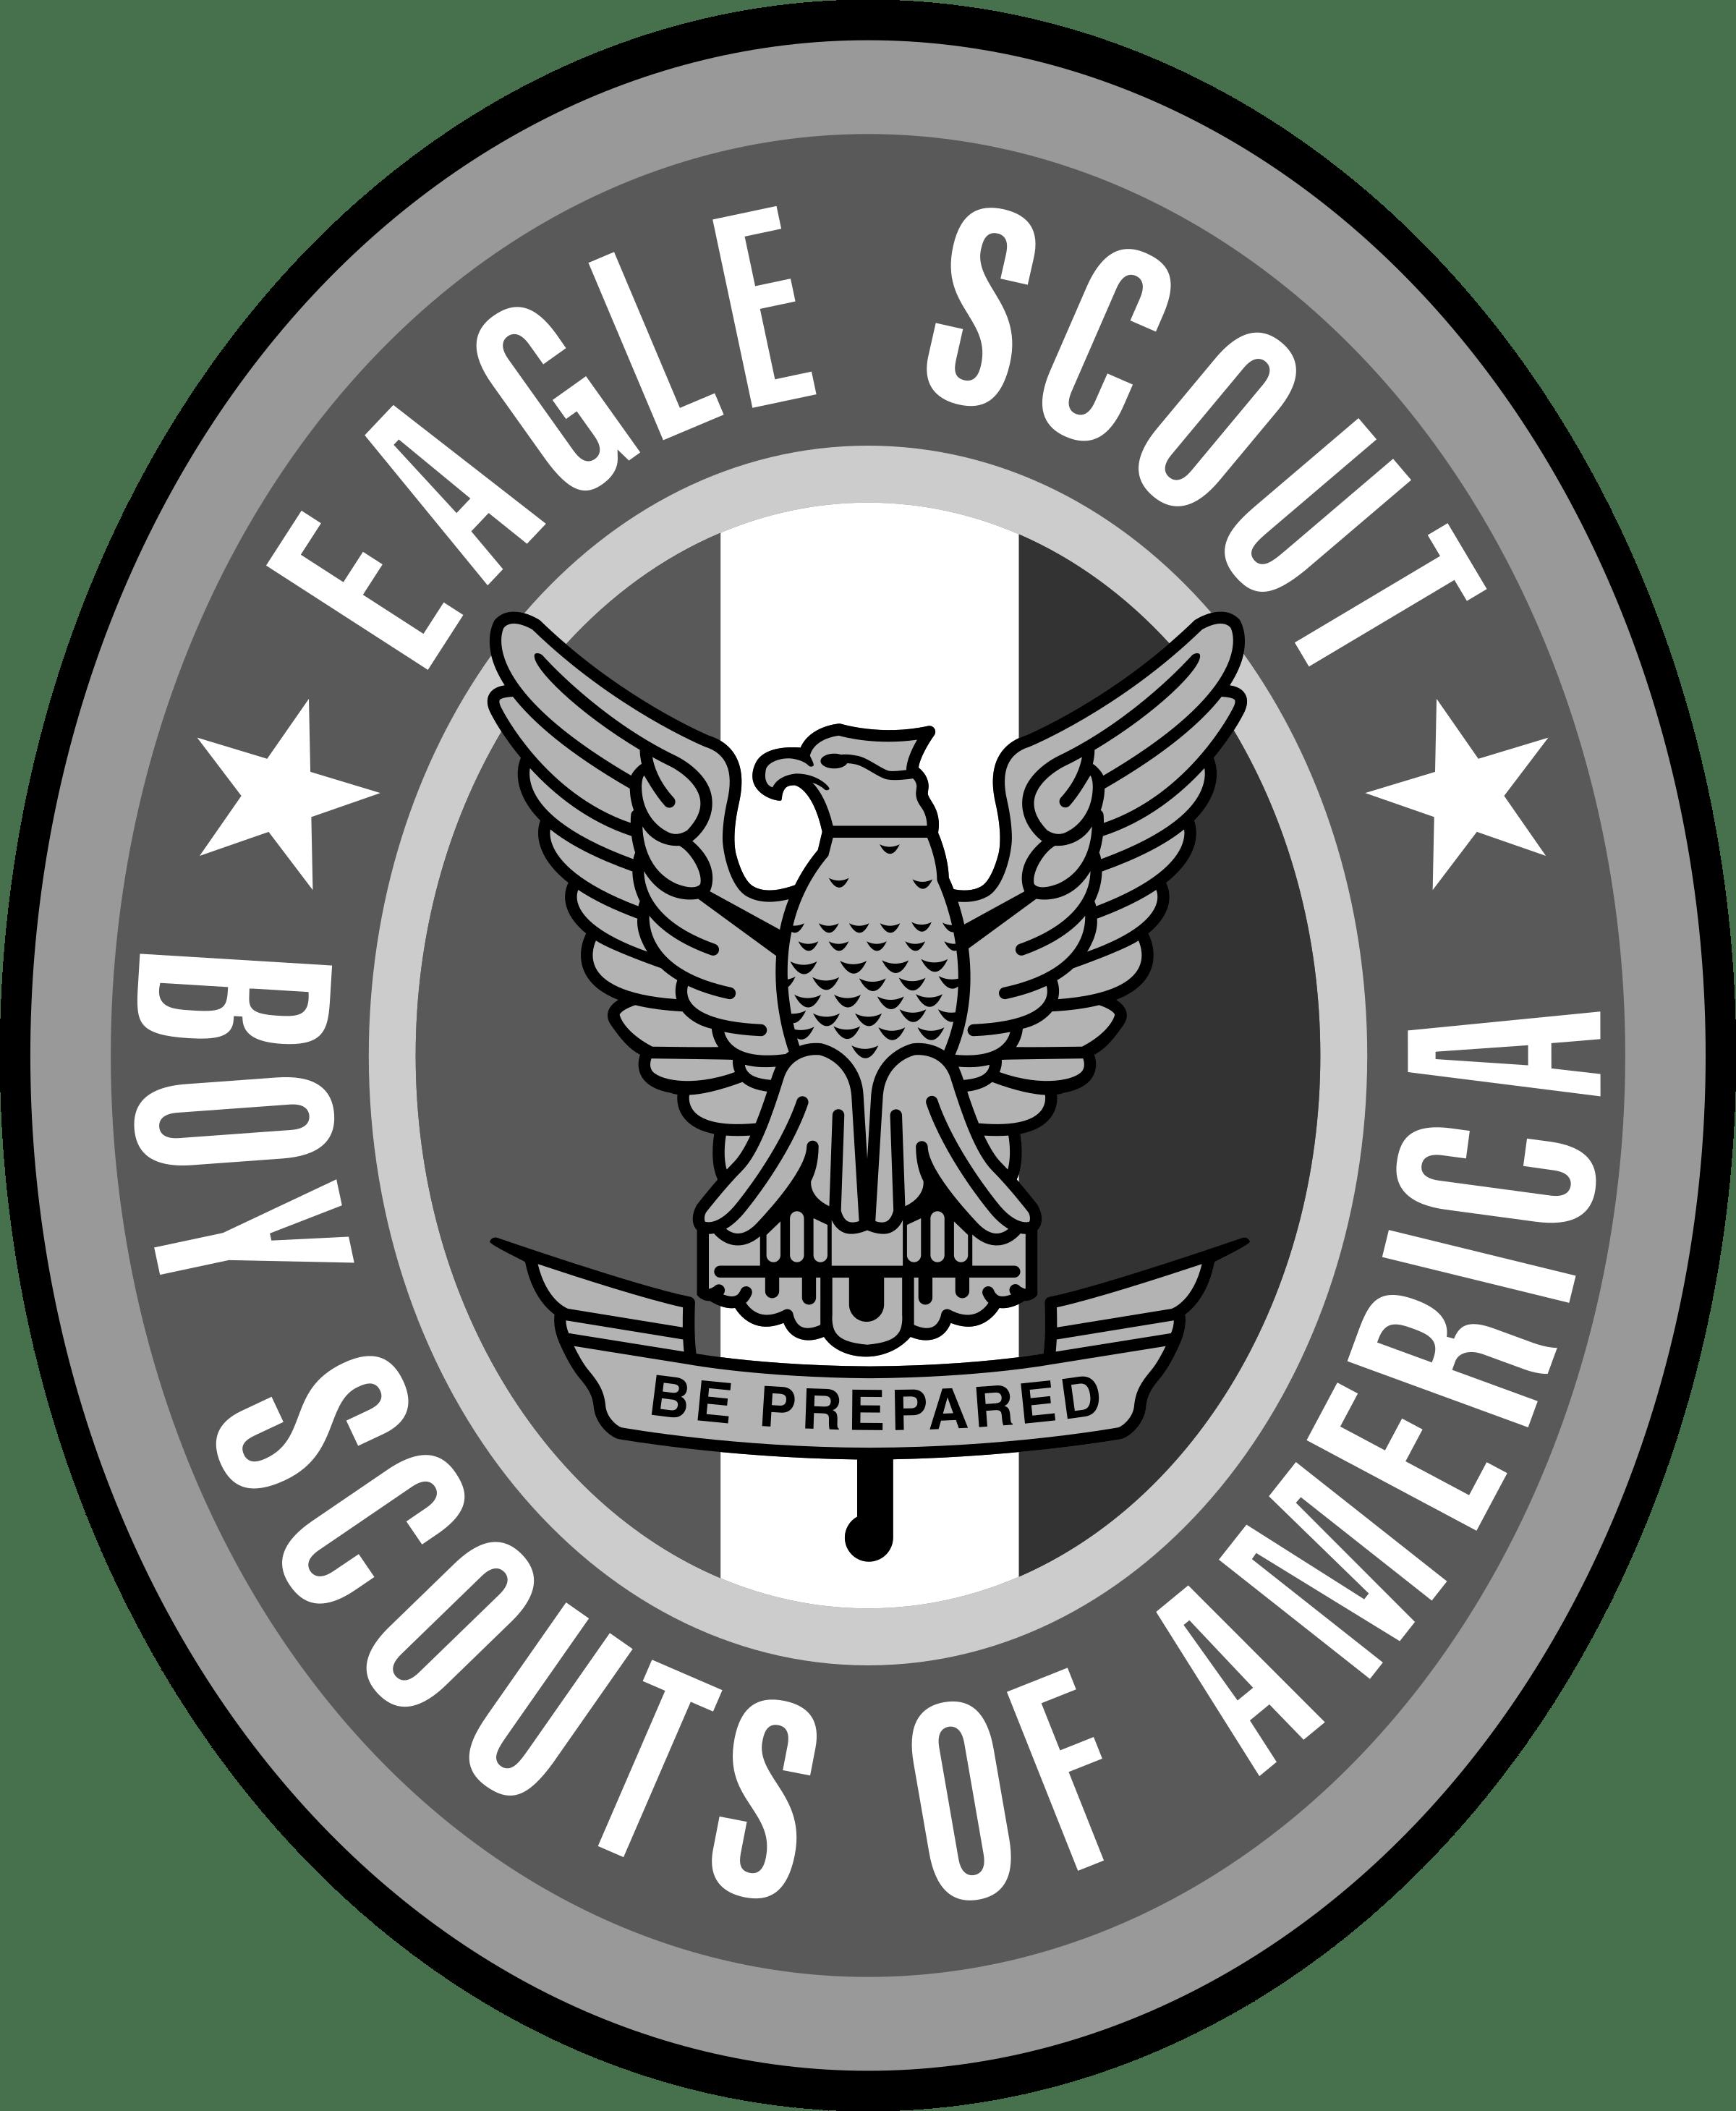 boy-scouts-eagle-scout-logo-png-transparent